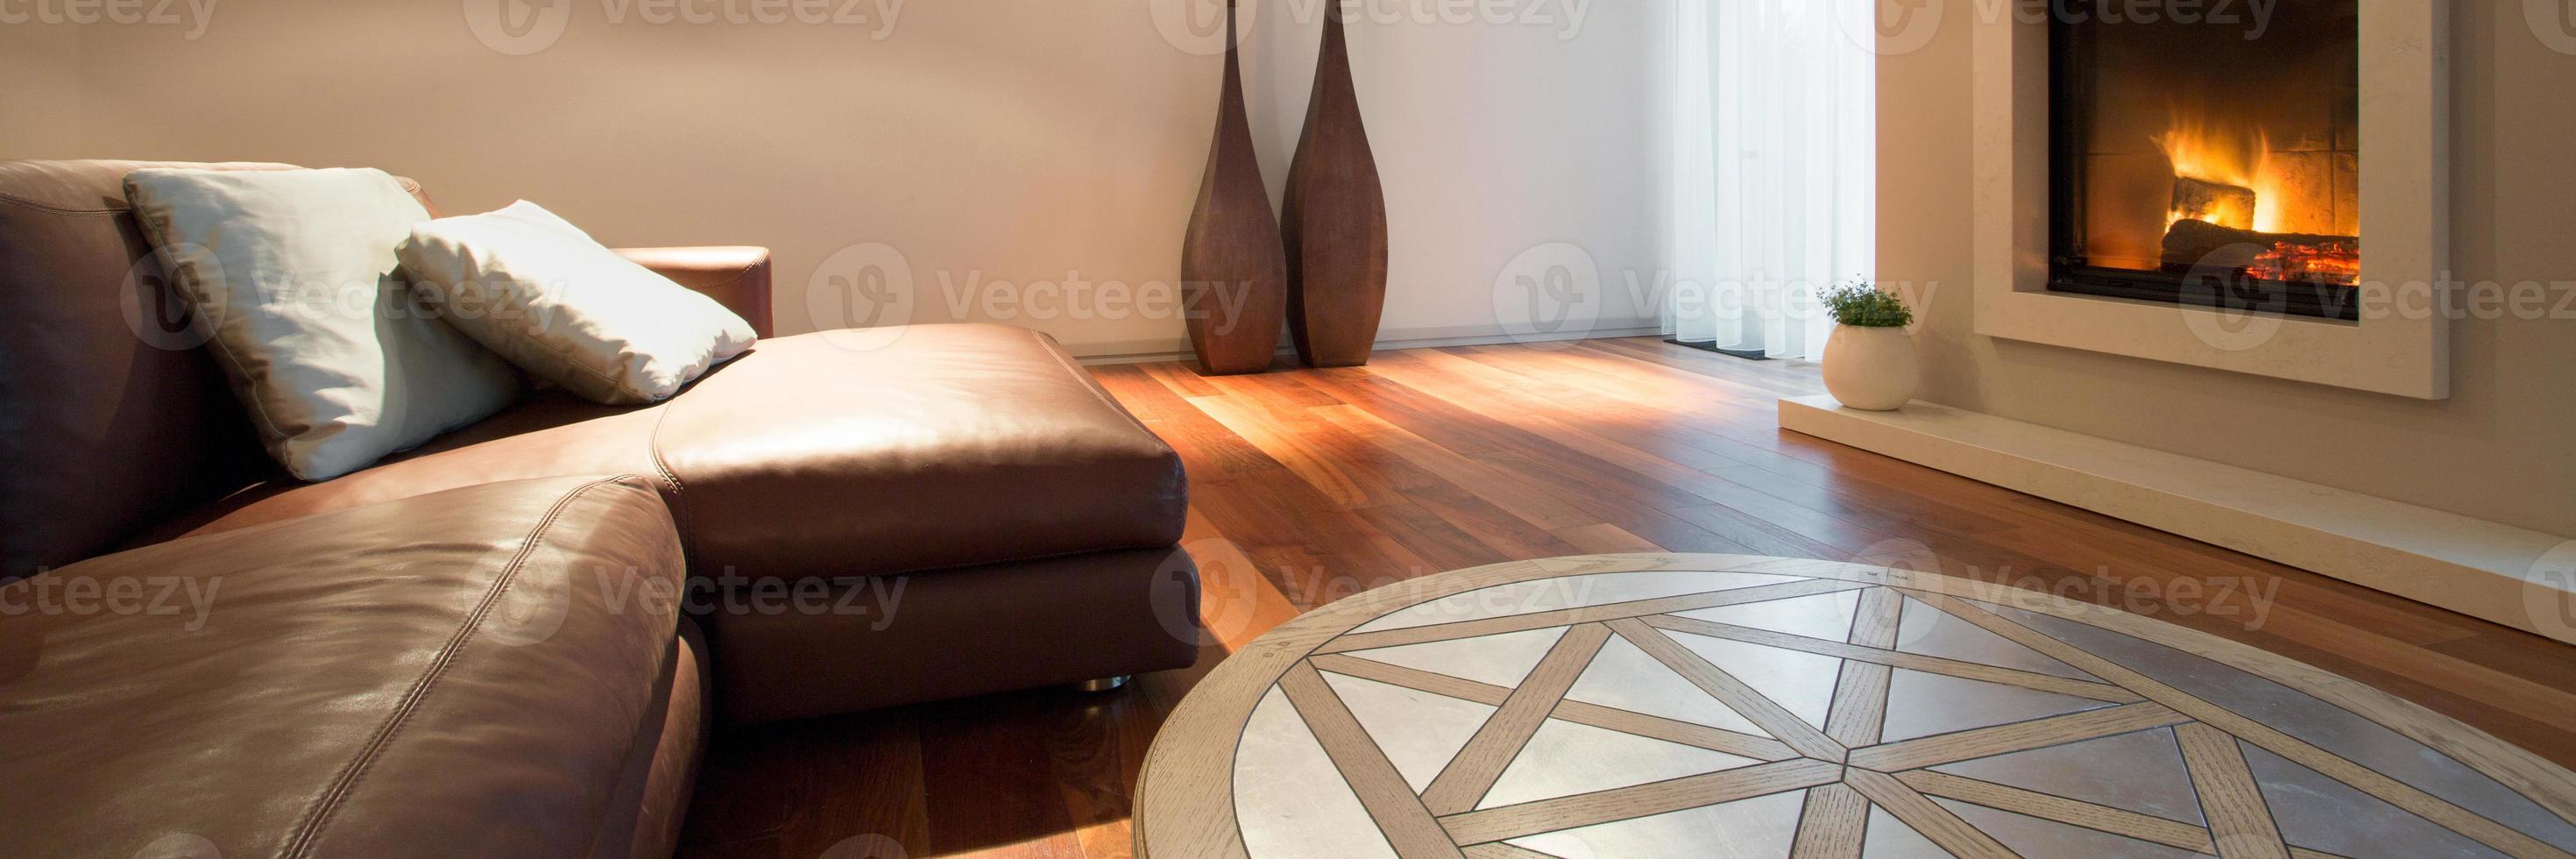 sofá de cuero interior acogedor foto